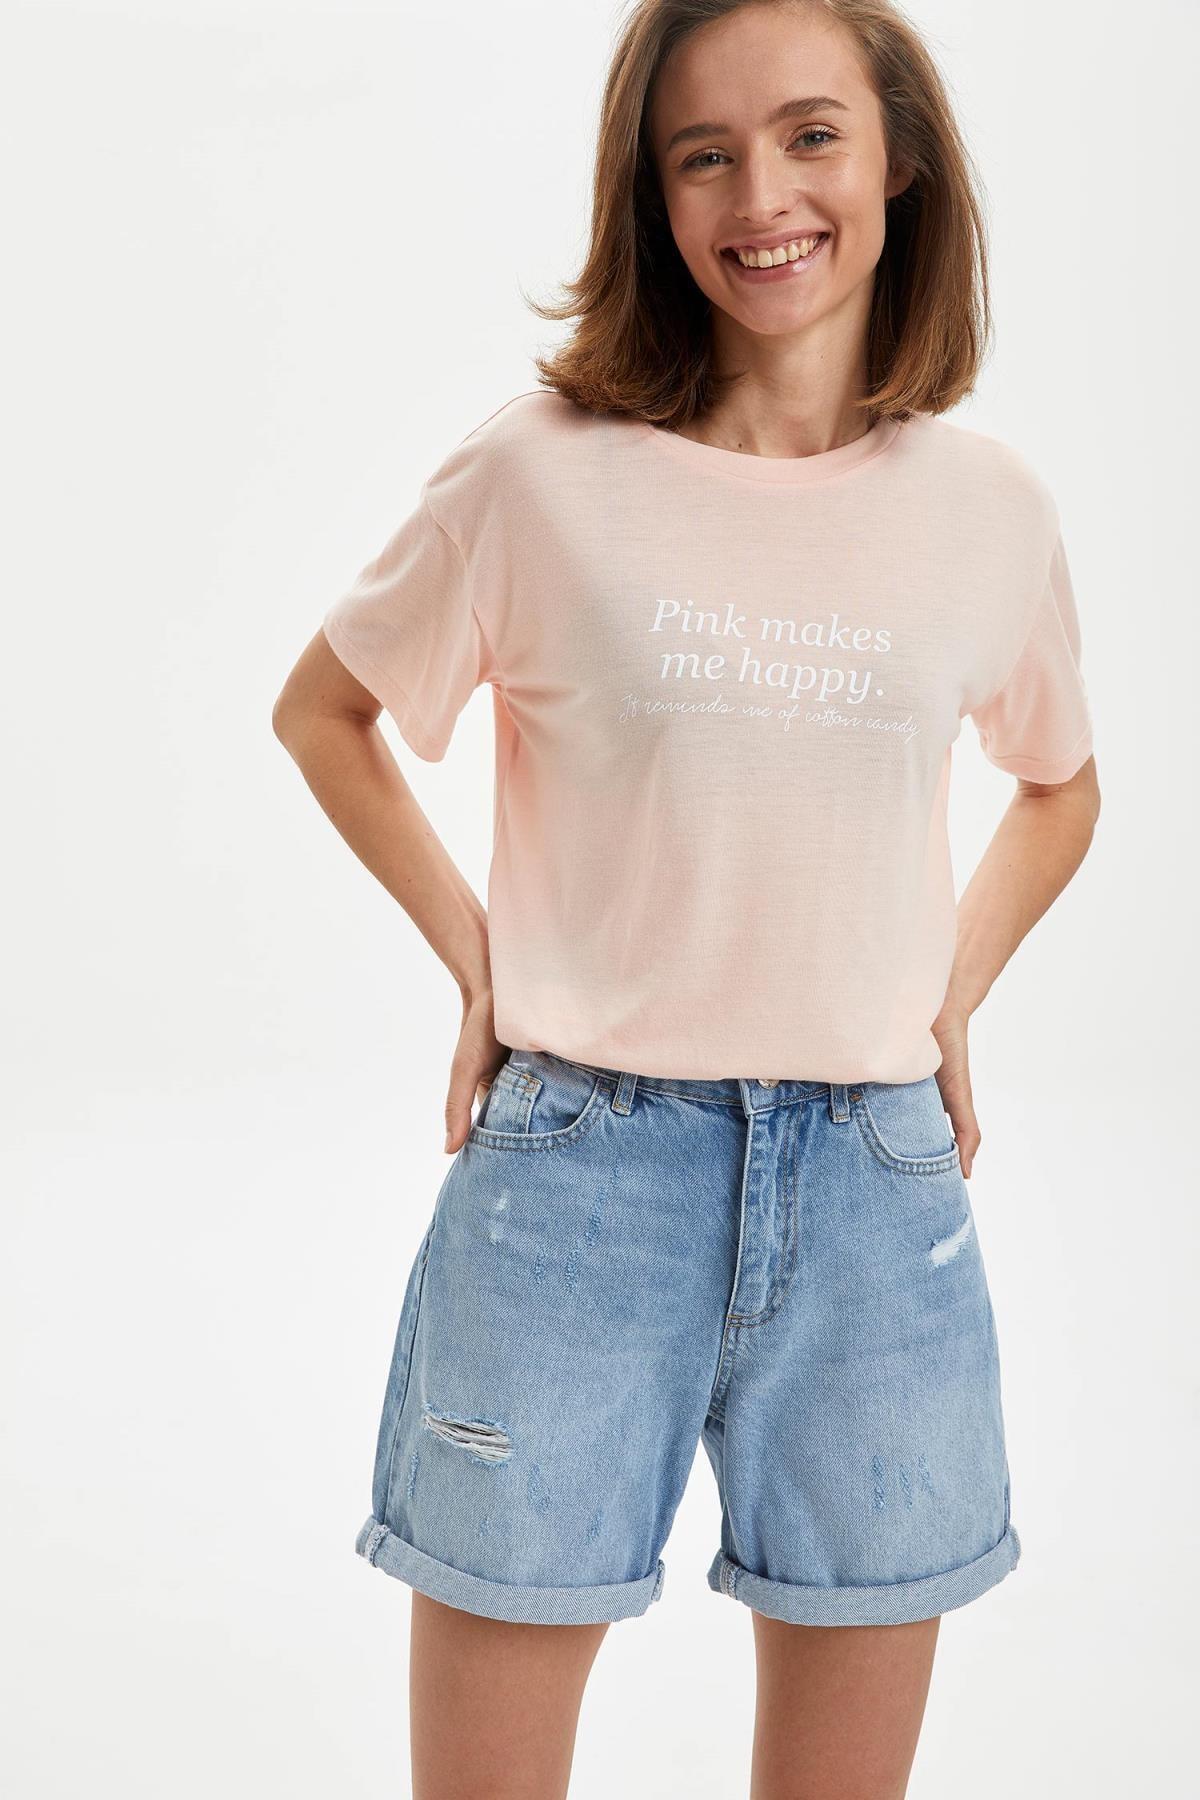 DeFacto Kadın Pembe Baskılı Kısa Kollu Tişört S5178AZ20HS